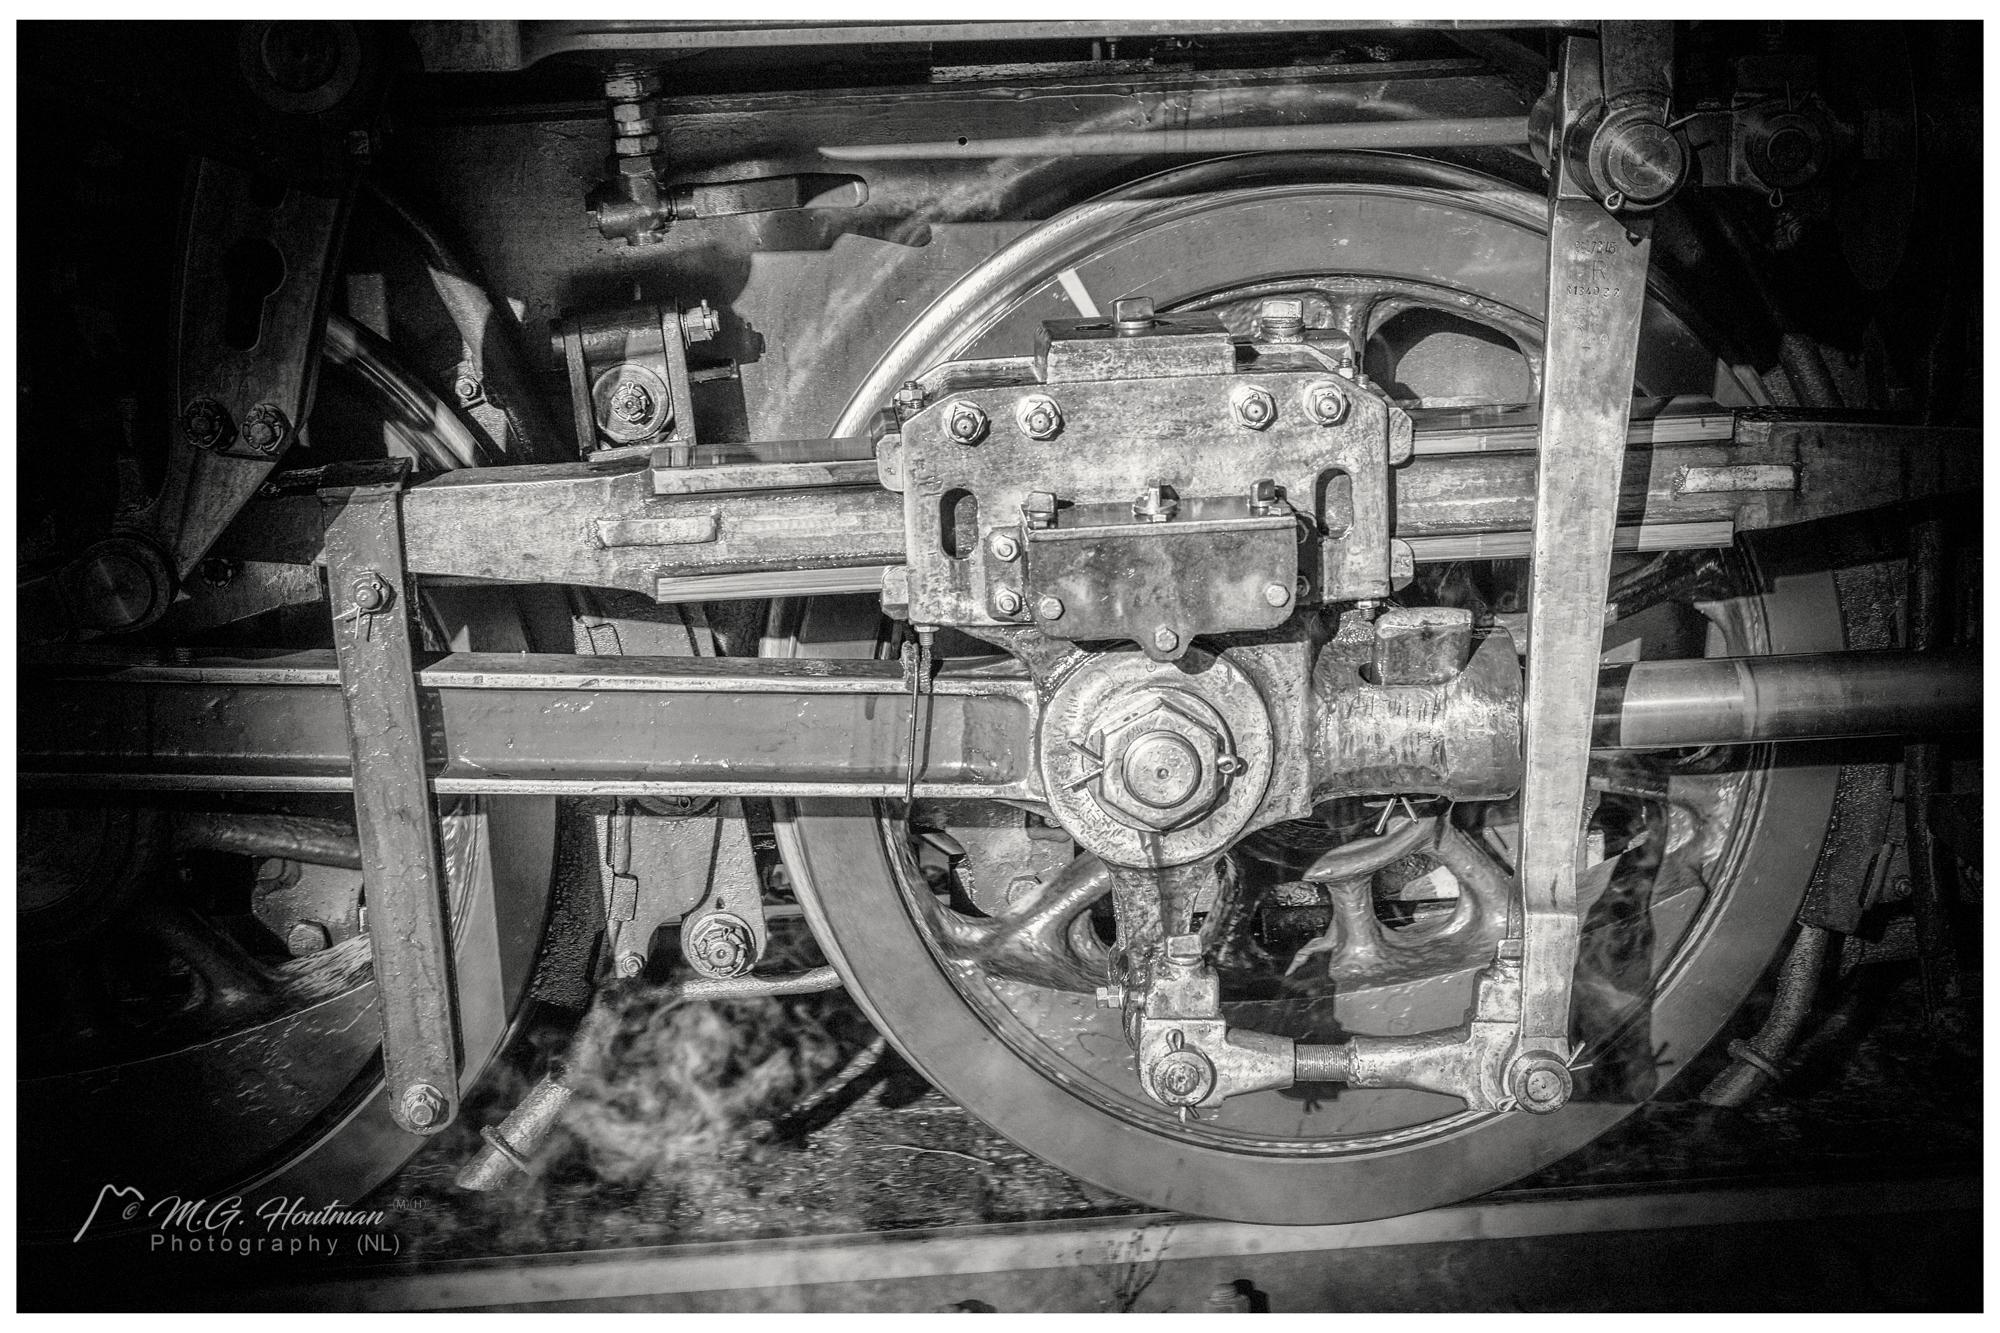 Part of the steammachine